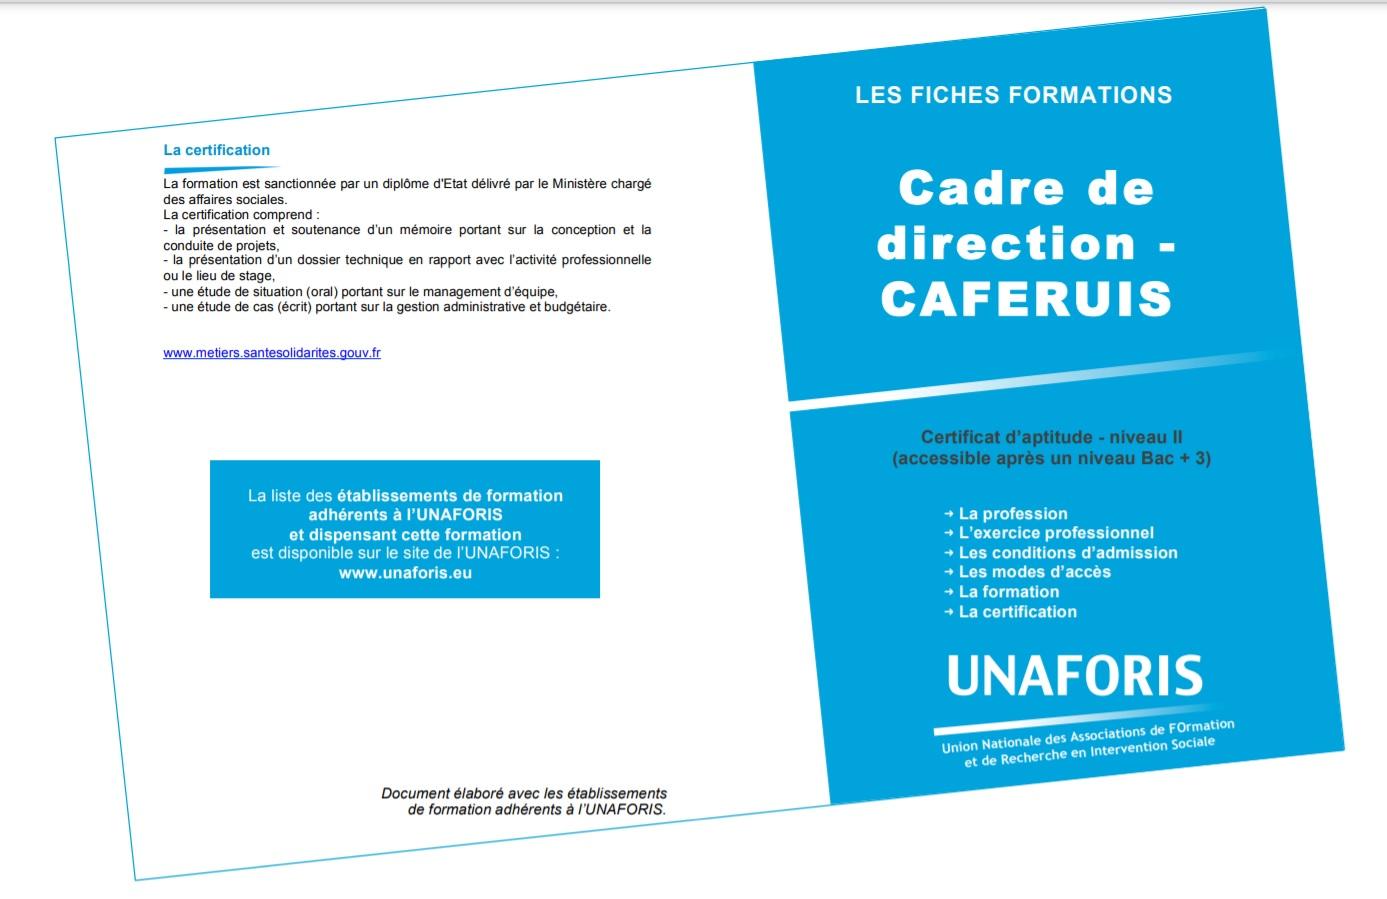 CAFERUIS.jpg